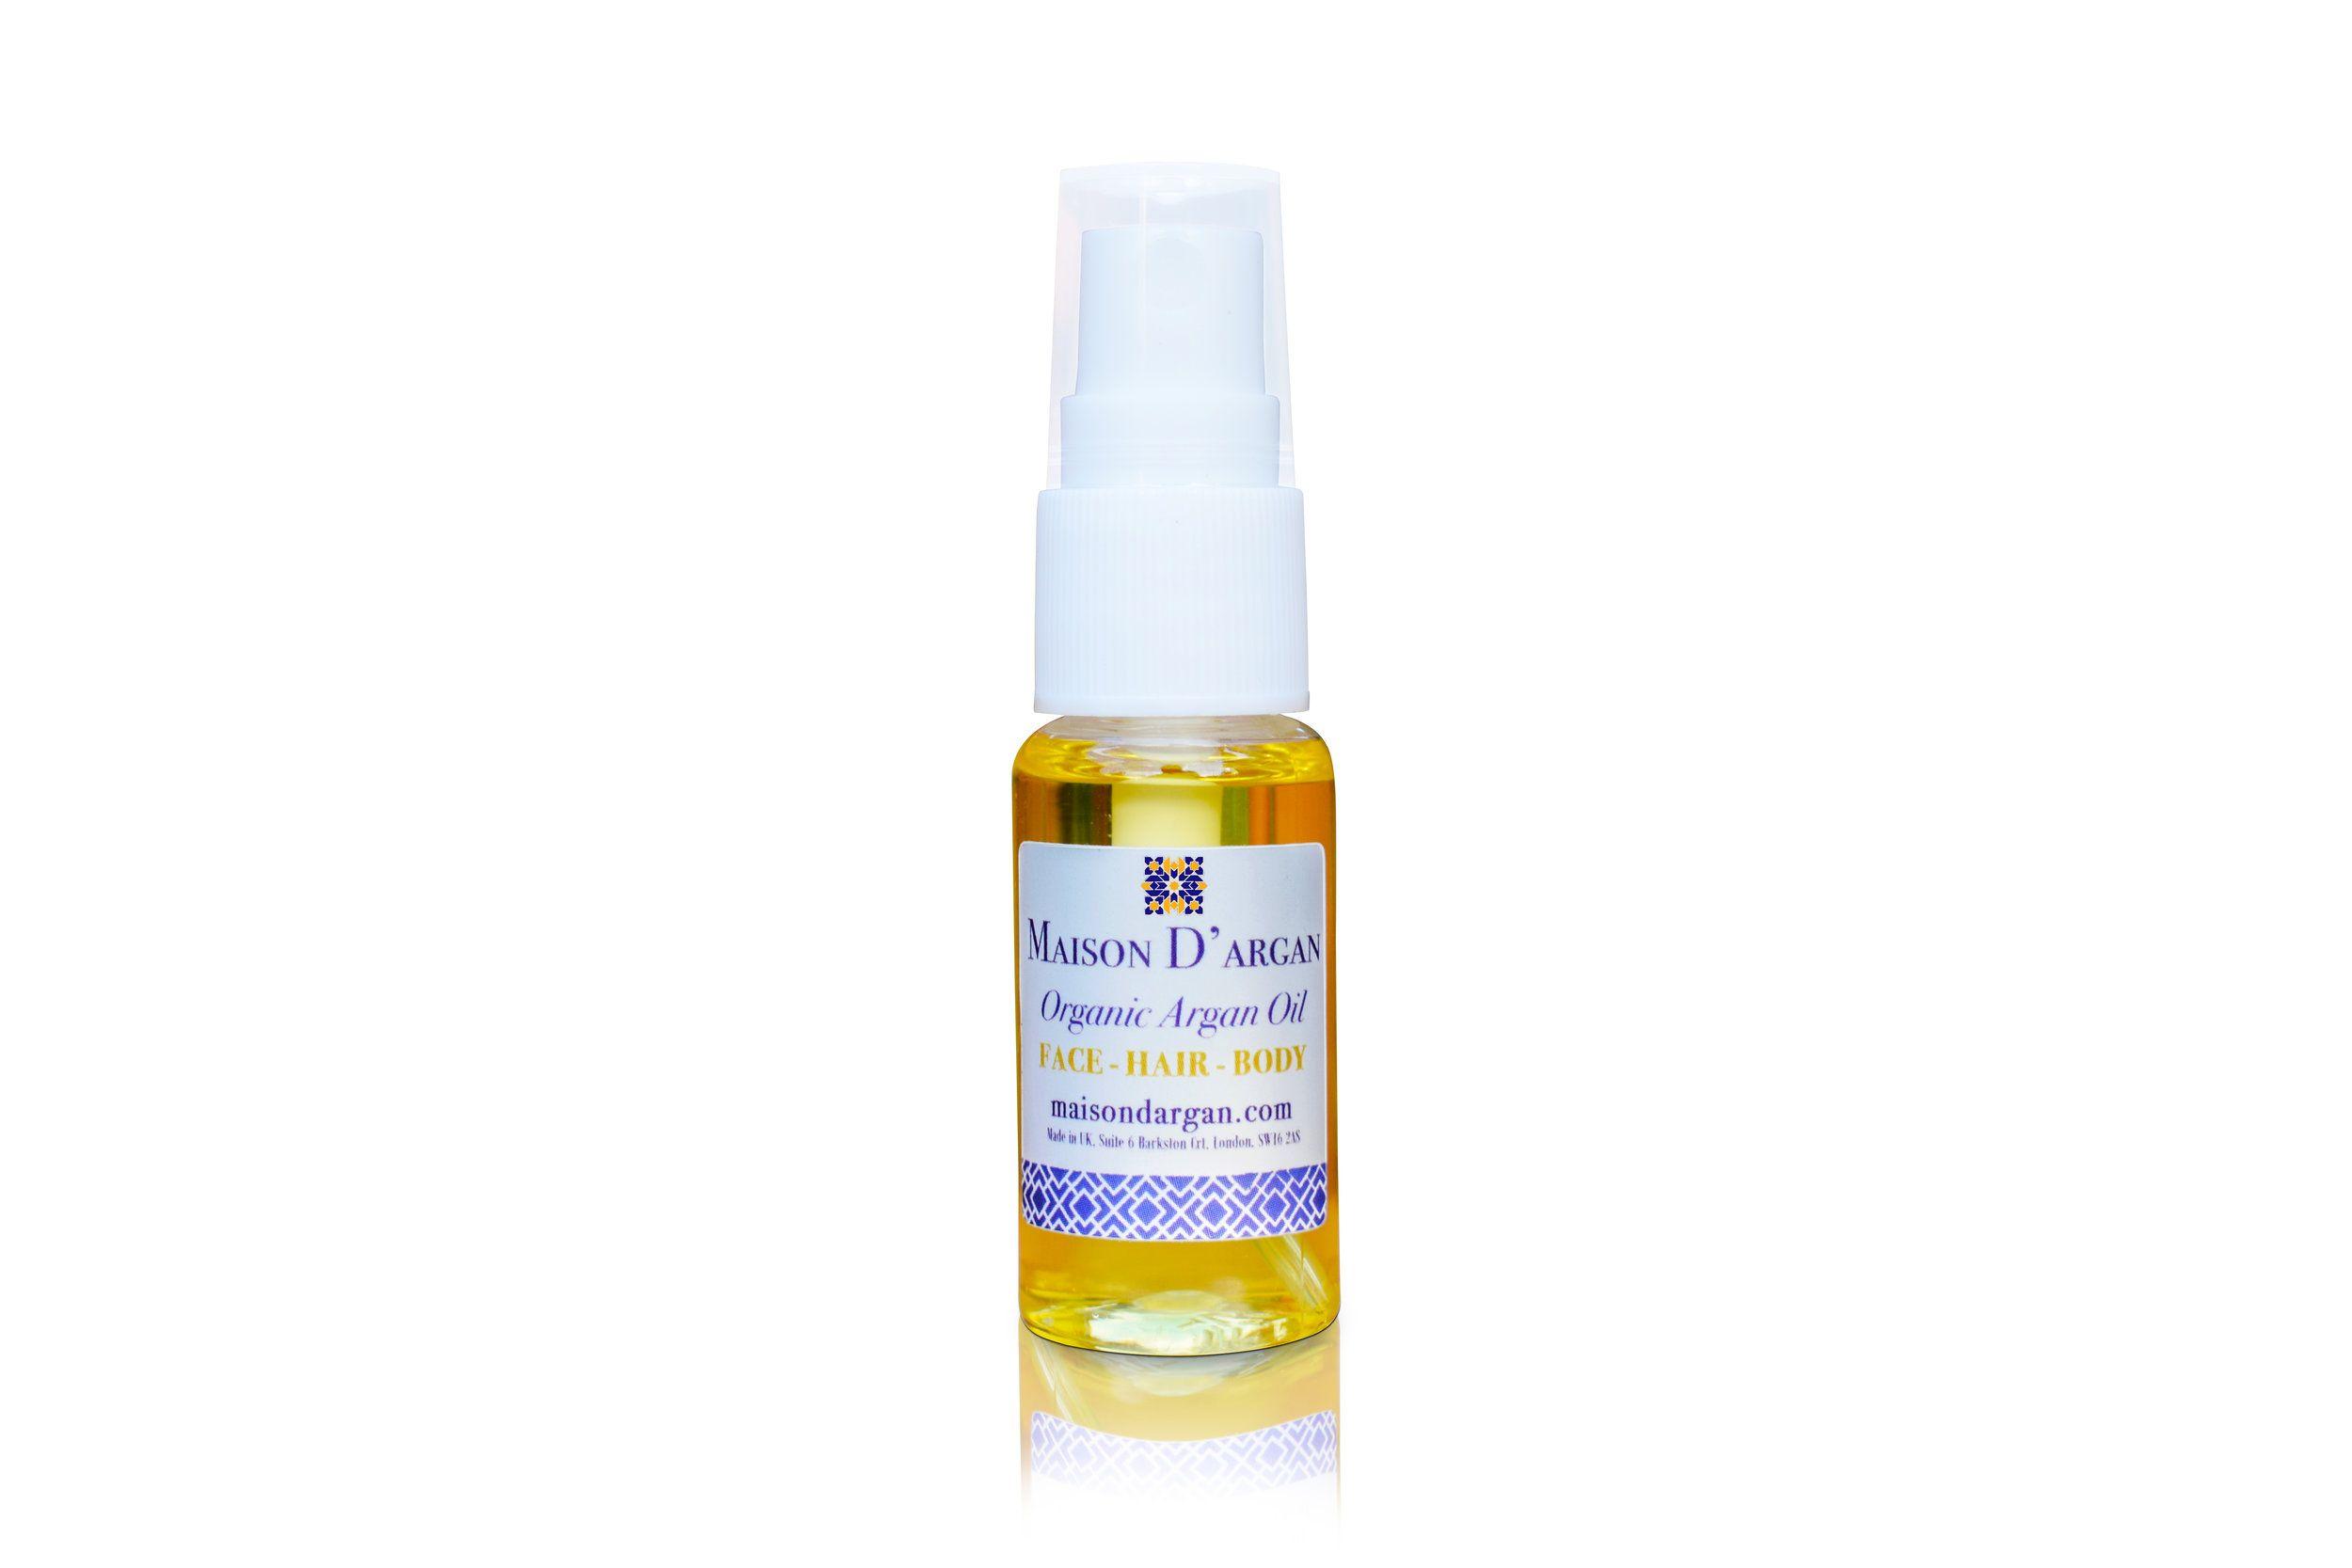 Organic Argan Oil 15ml Organic argan oil, Nourishing